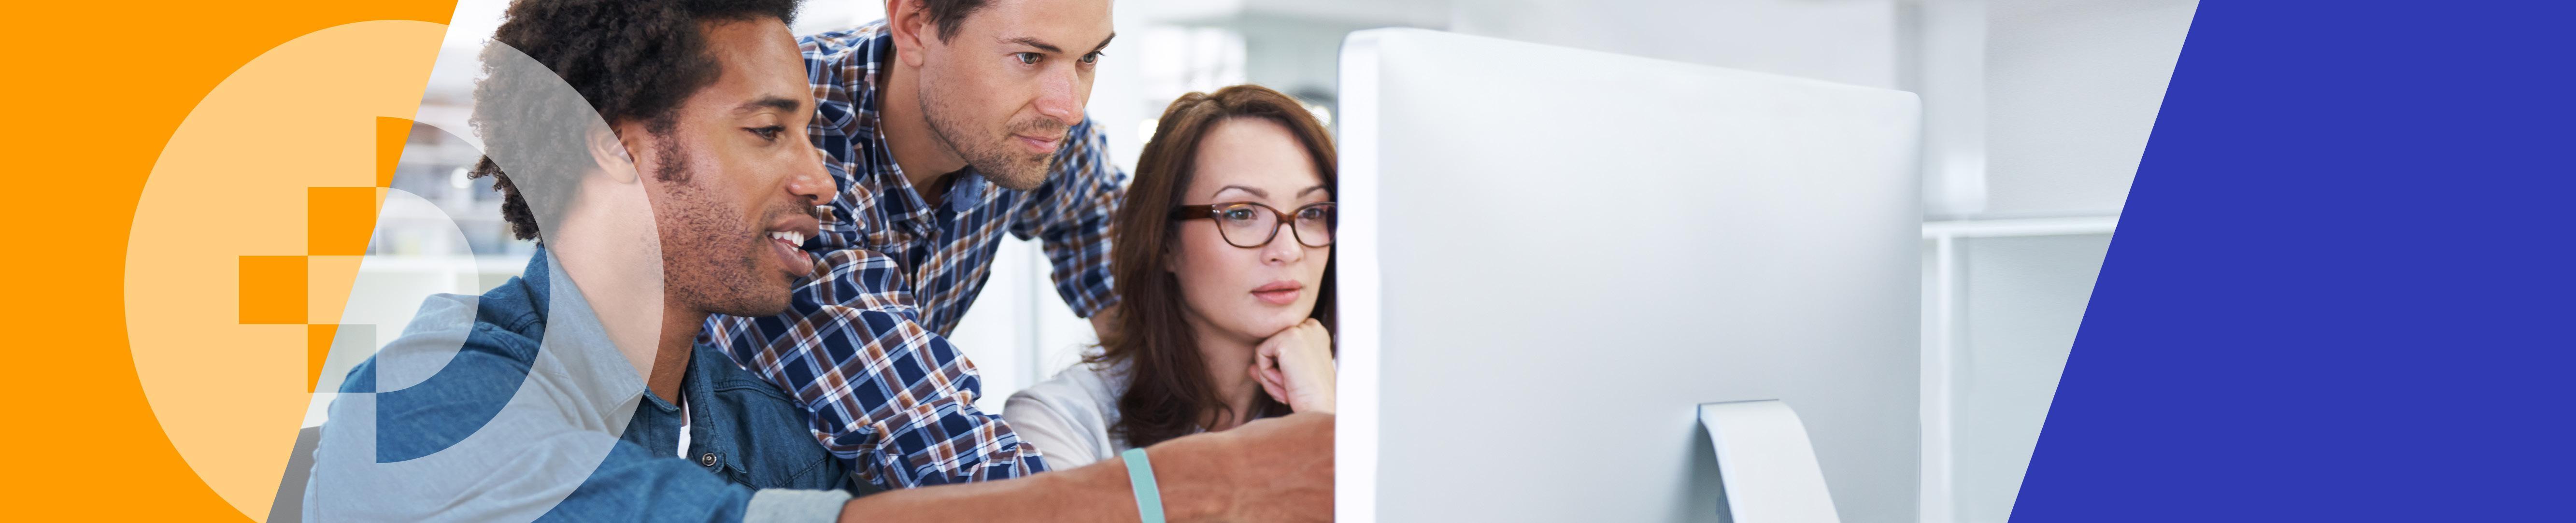 Avis DocuWare : GED & Workflows dématérialisés pour PME et ETI - appvizer